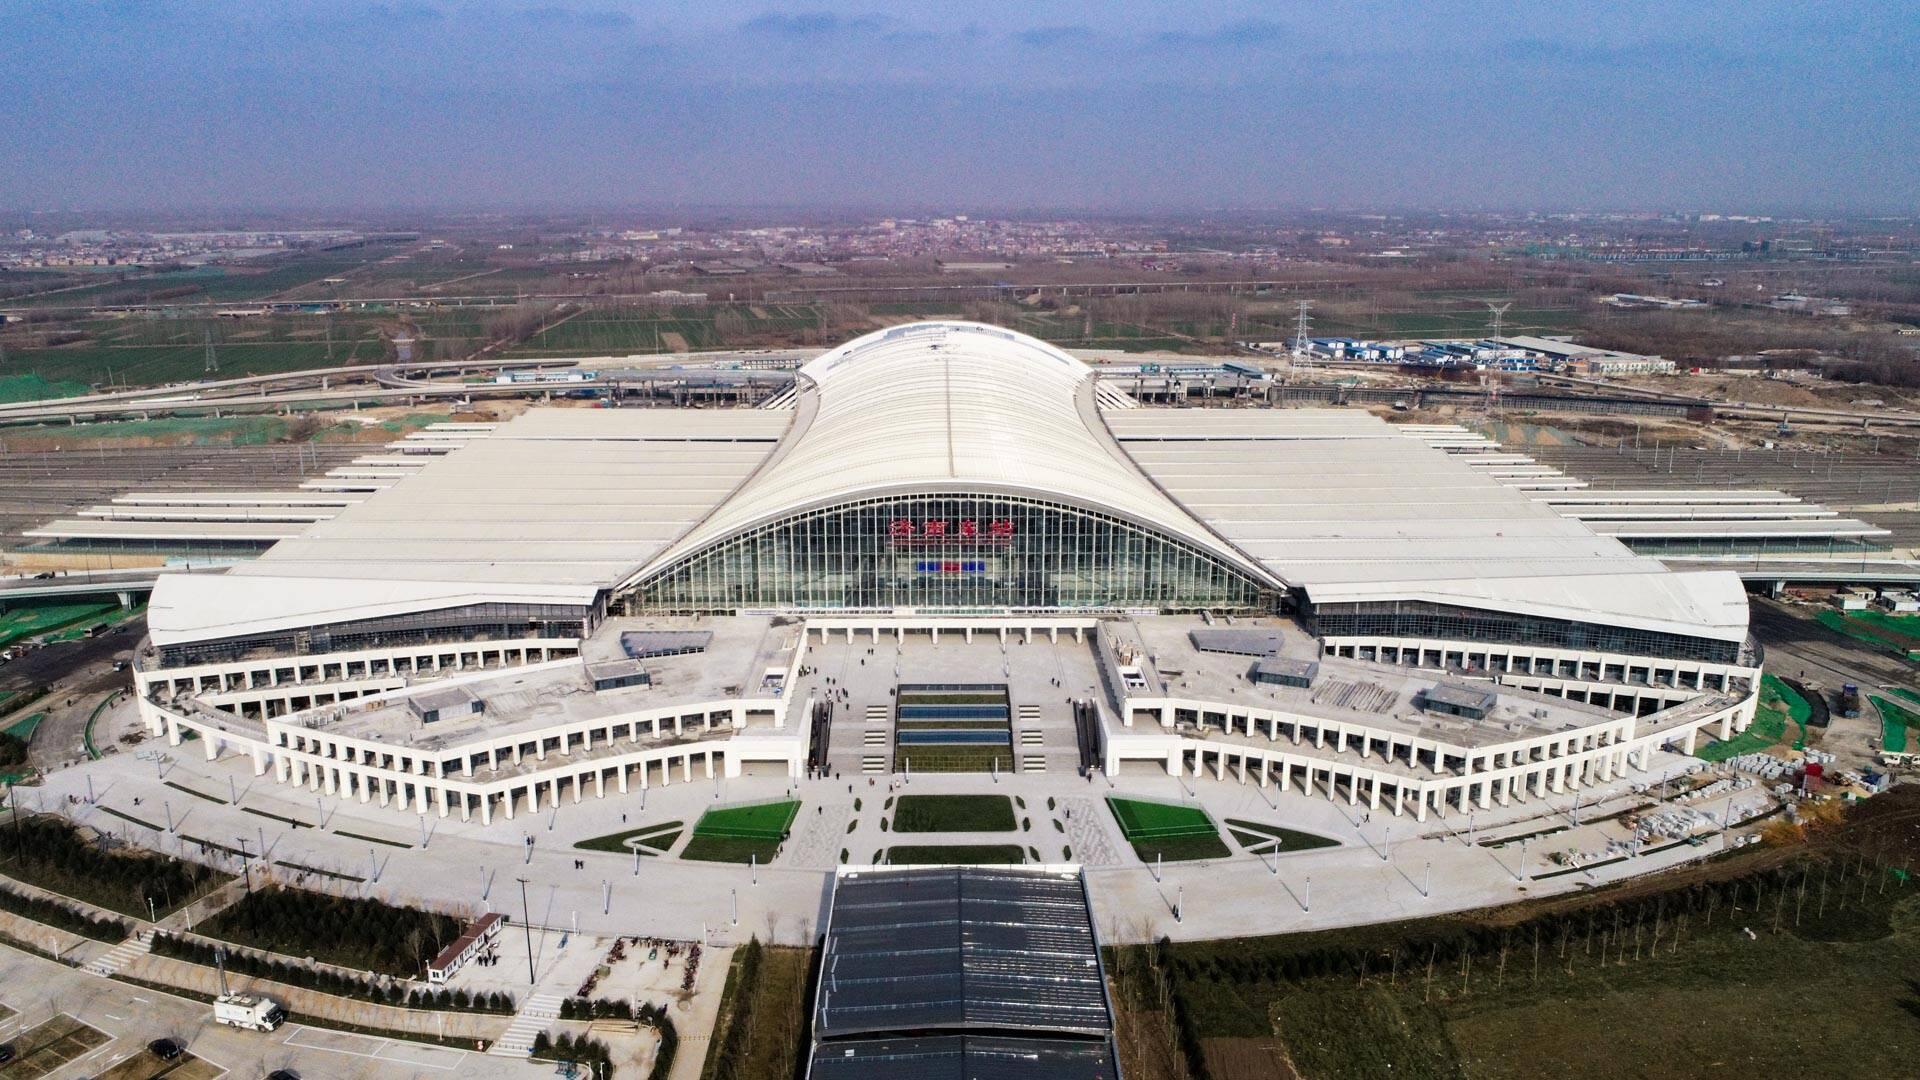 智能型复兴号首次亮相,增开旅客列车22对 济南站明迎10年来最大规模调图